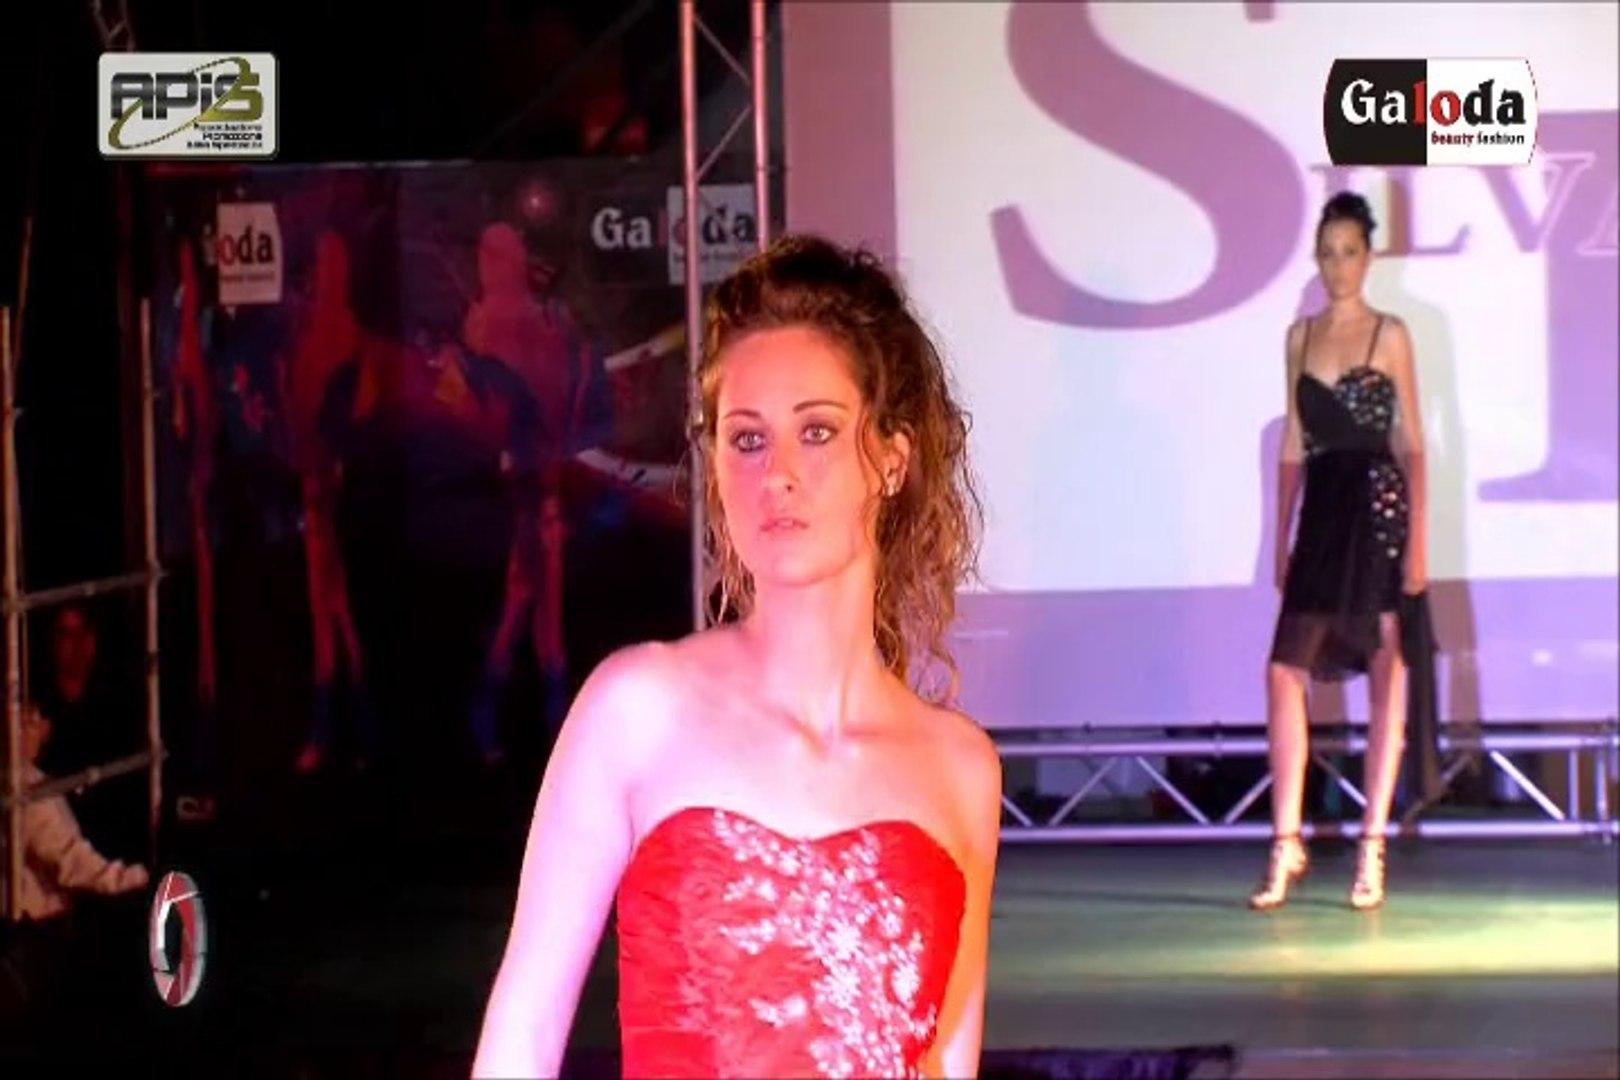 GALODA  Beauty Fashion